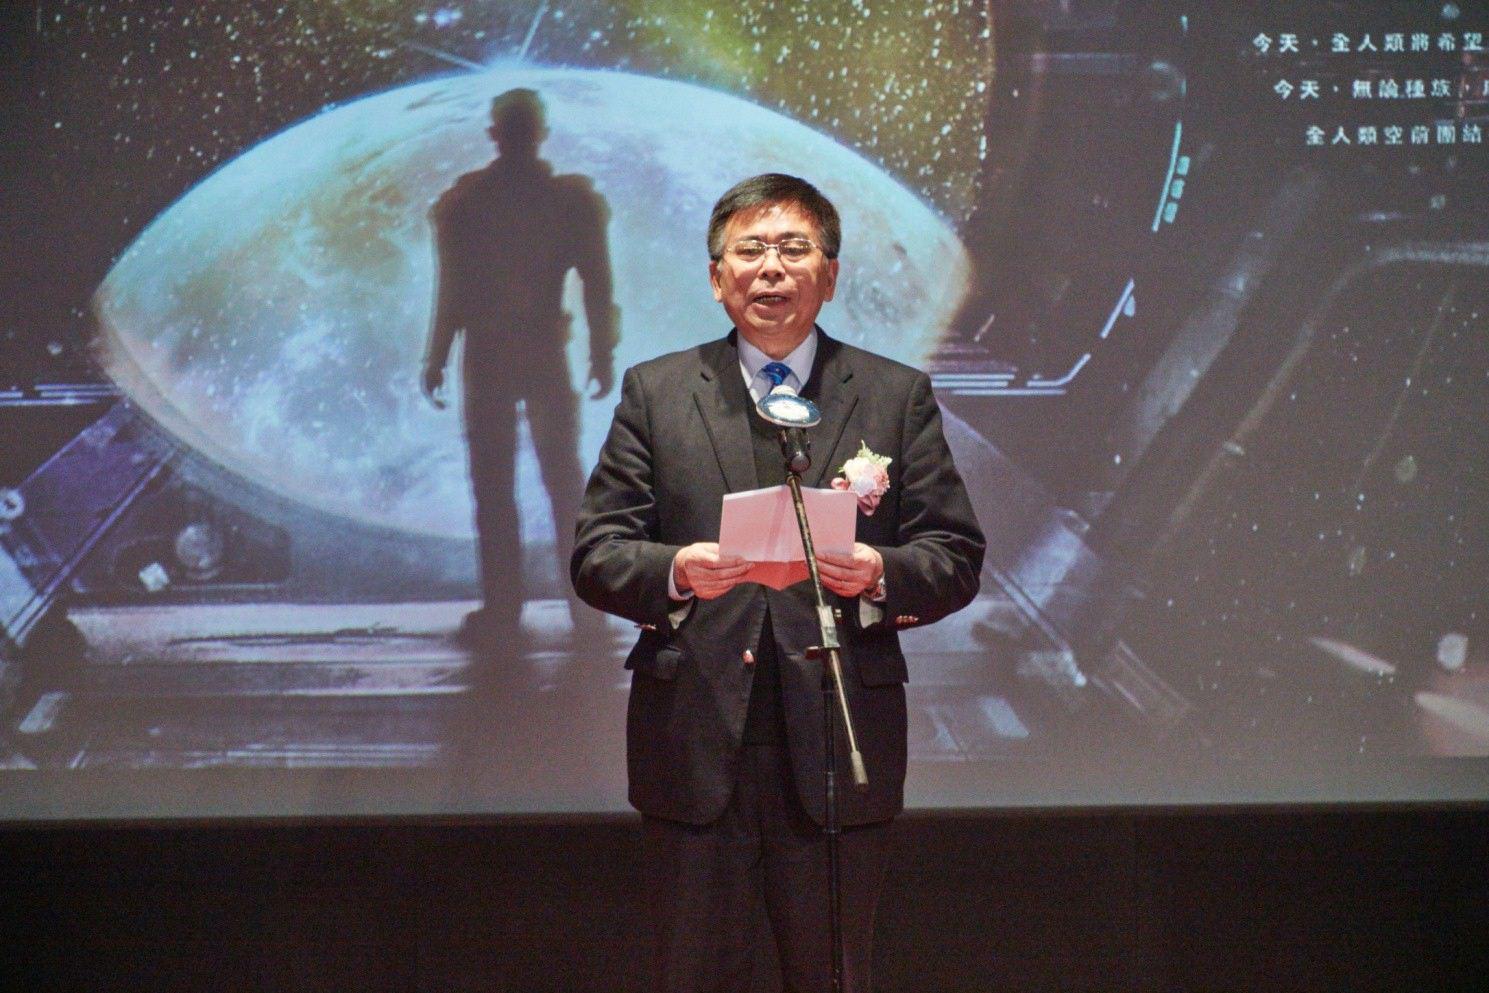 澳门科技大学校长刘良讲座教授致辞.jpg